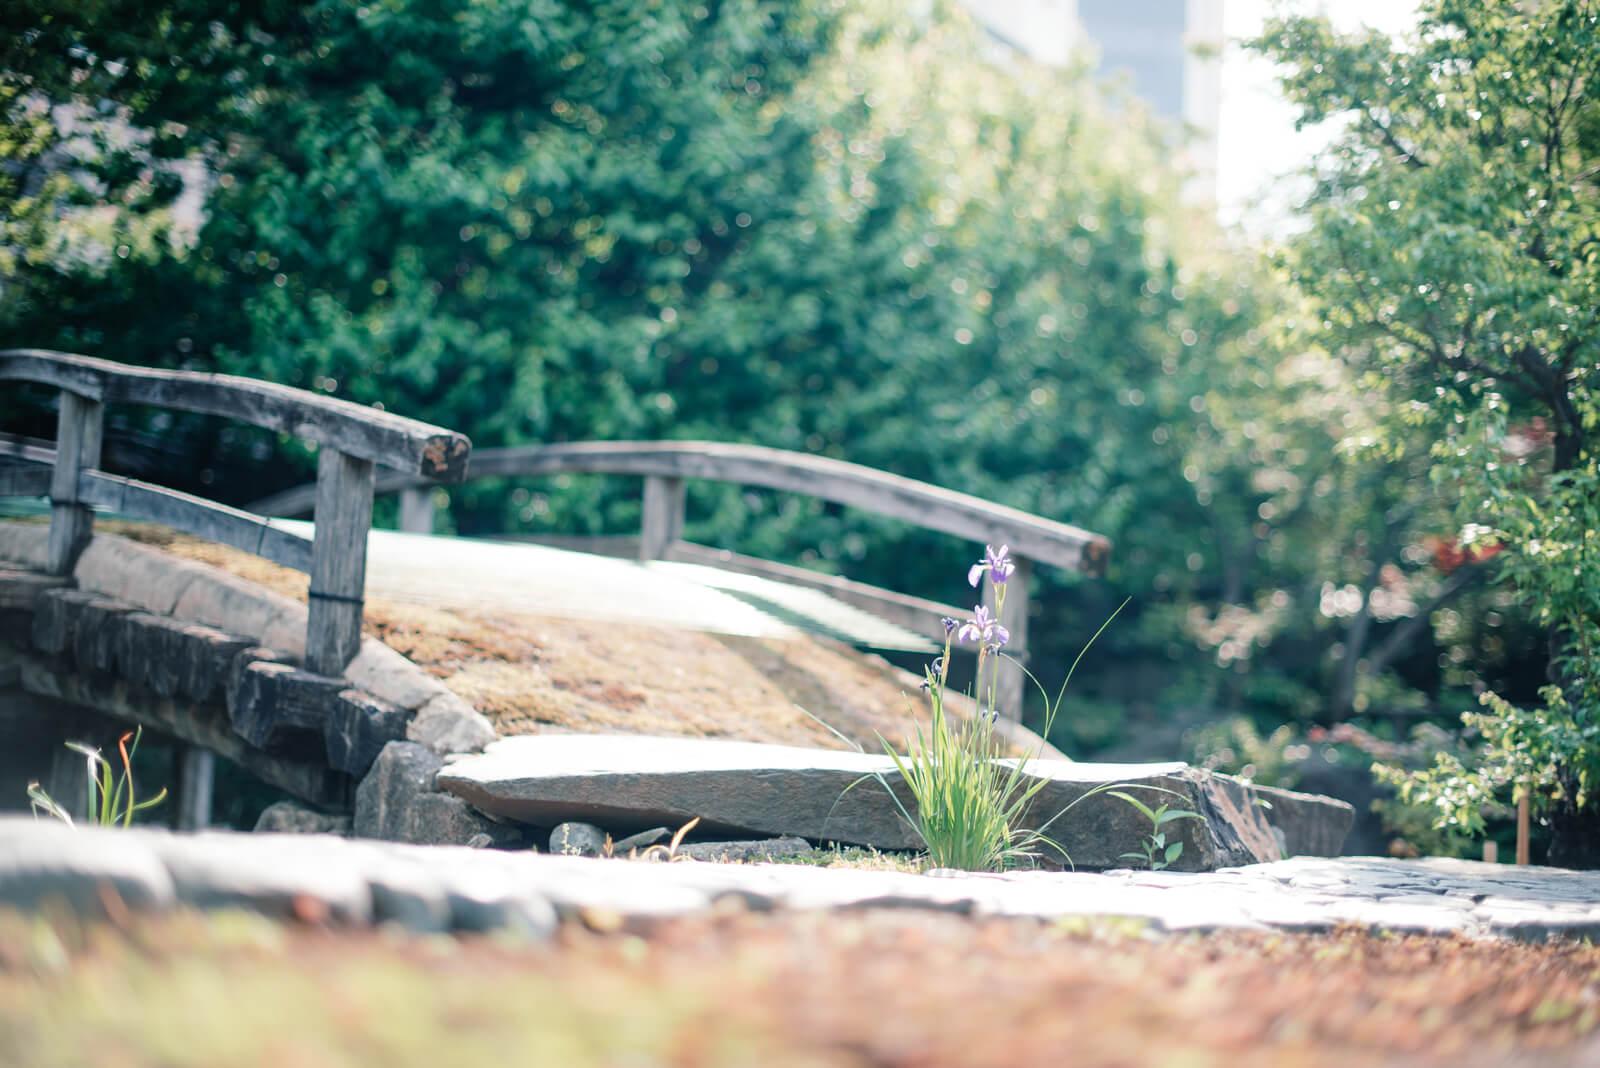 湯島天満宮 湯島天神 湯島神社 学問 庭園